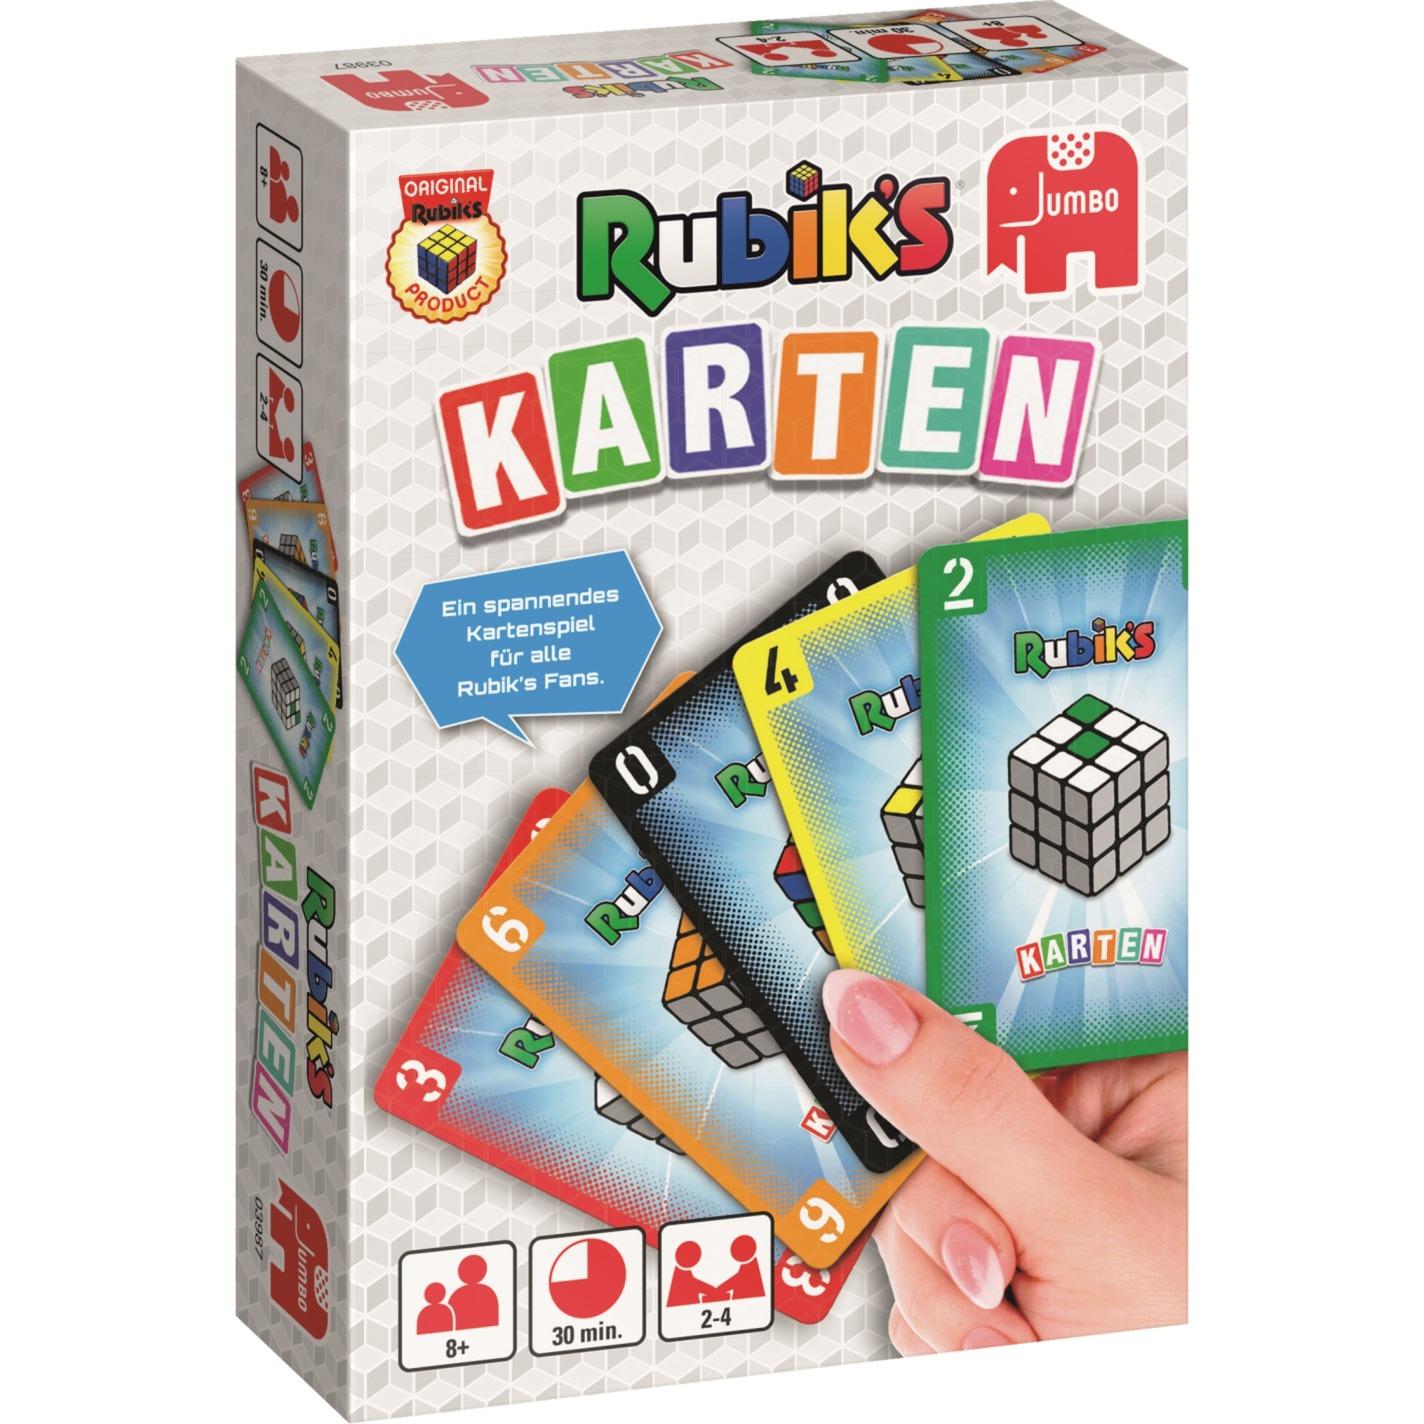 Kartenspiel Jeux de cartes, Jeu de cartes